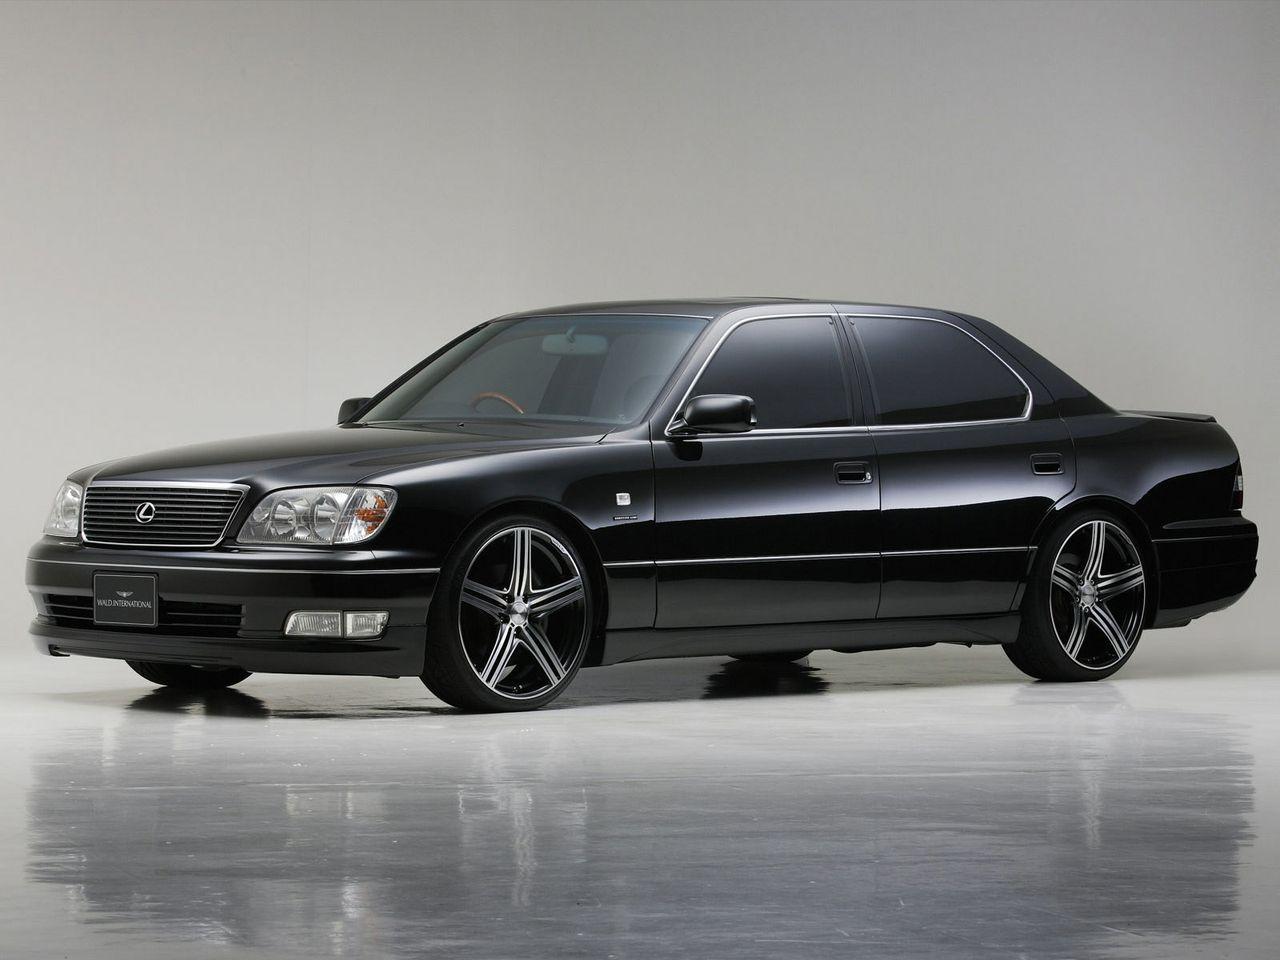 lexus ls400 1998 1999 2000 repair manual rh sellfy com